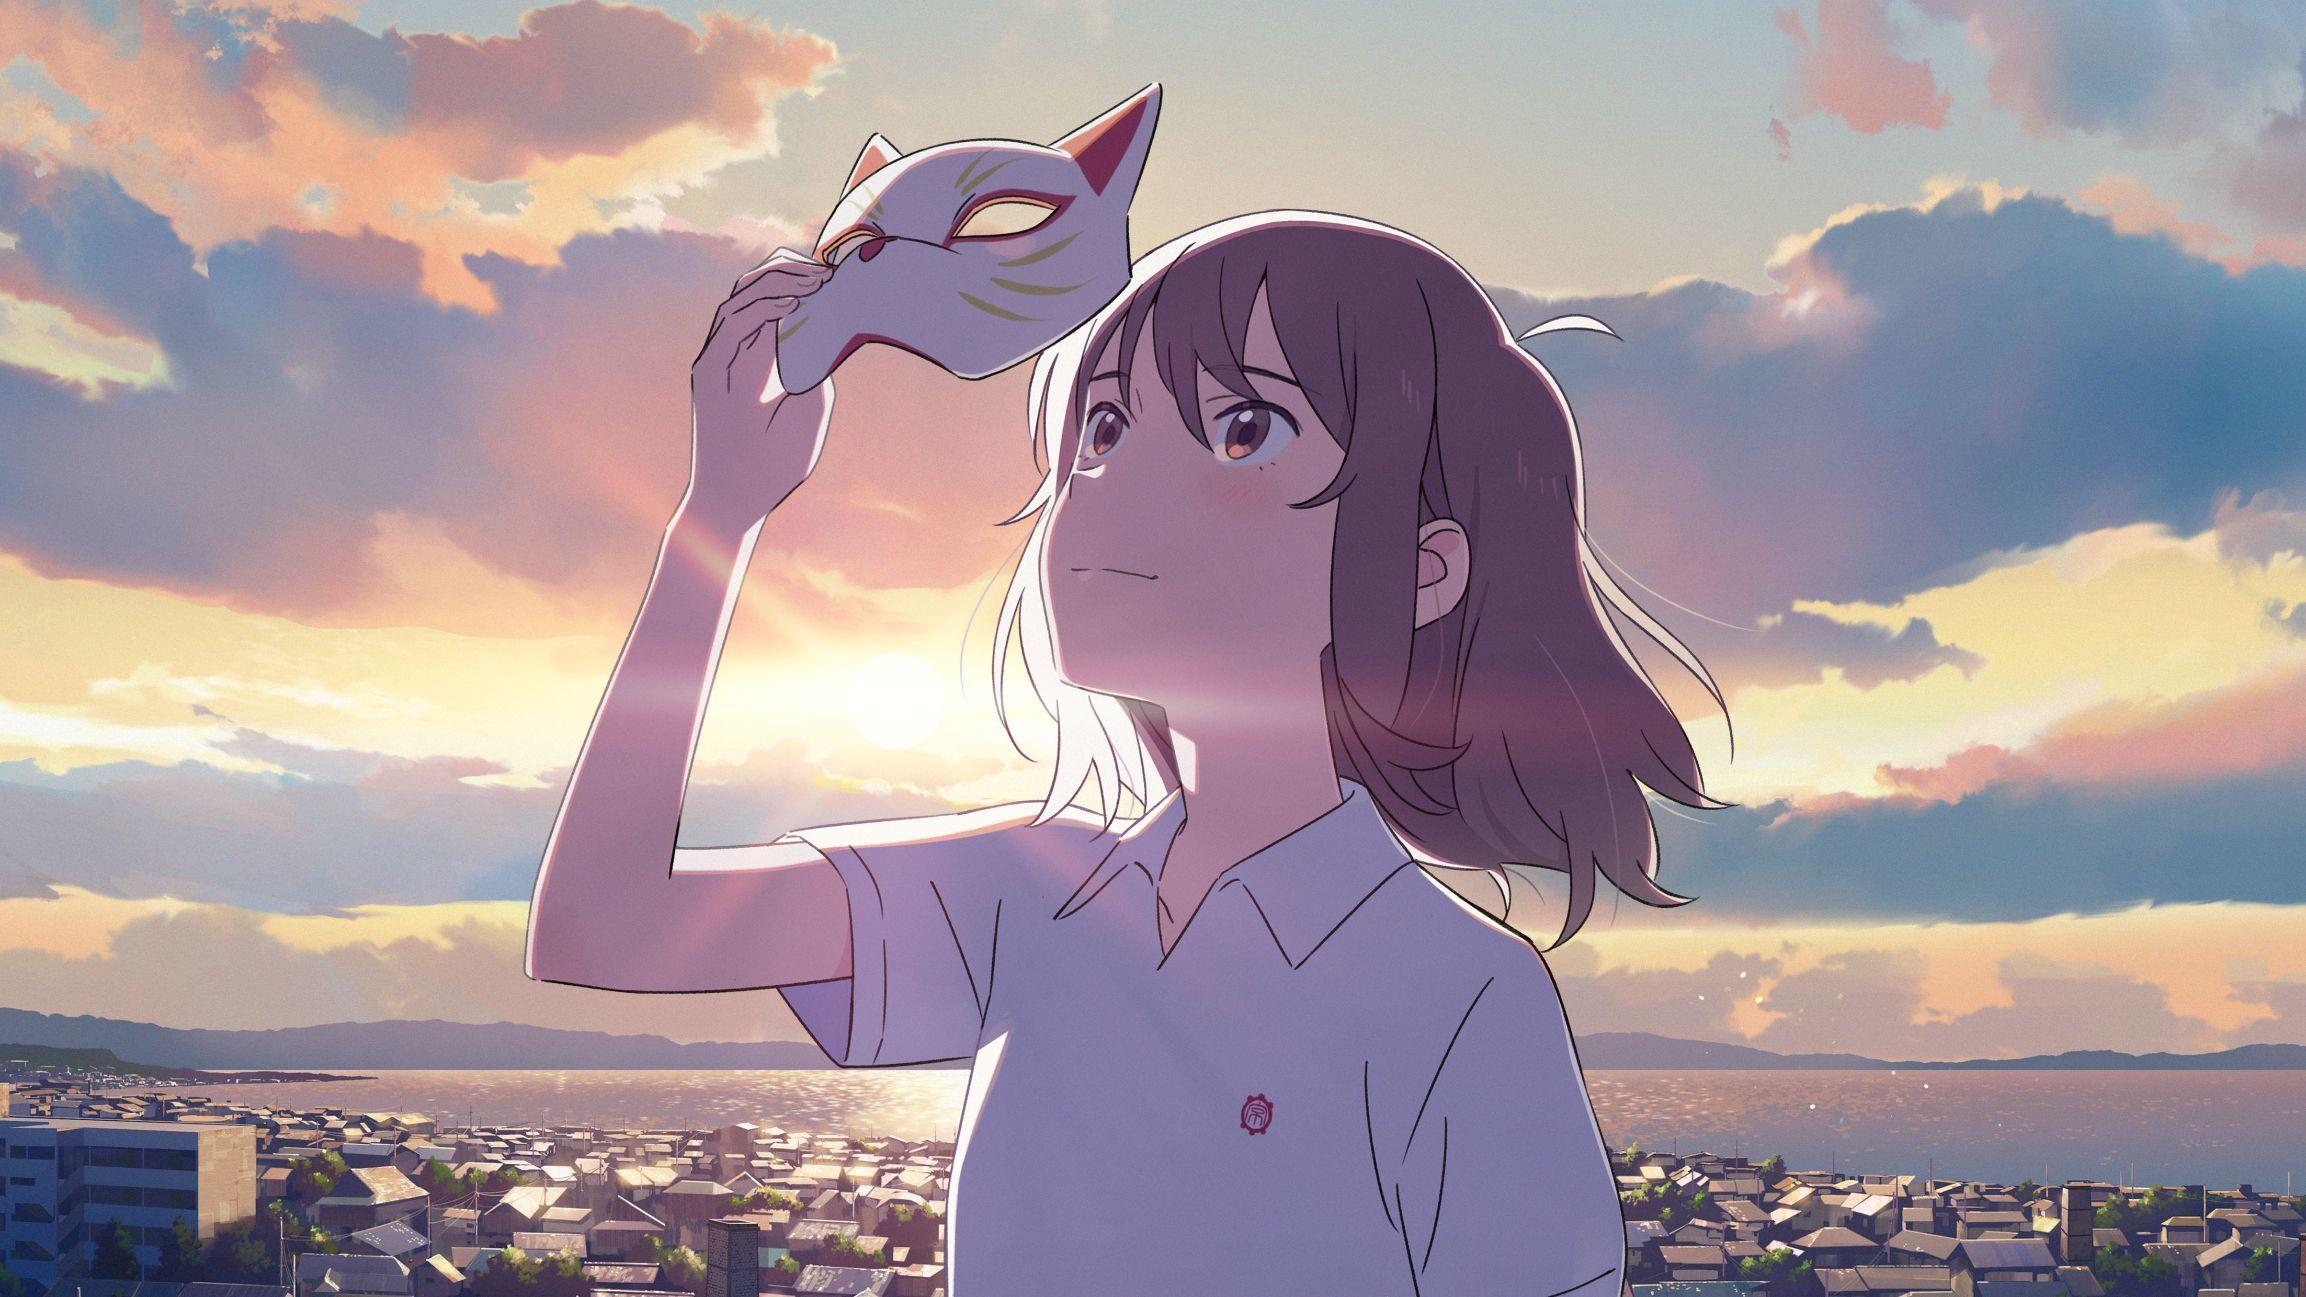 『泣きたい私は猫をかぶる』6月18日配信